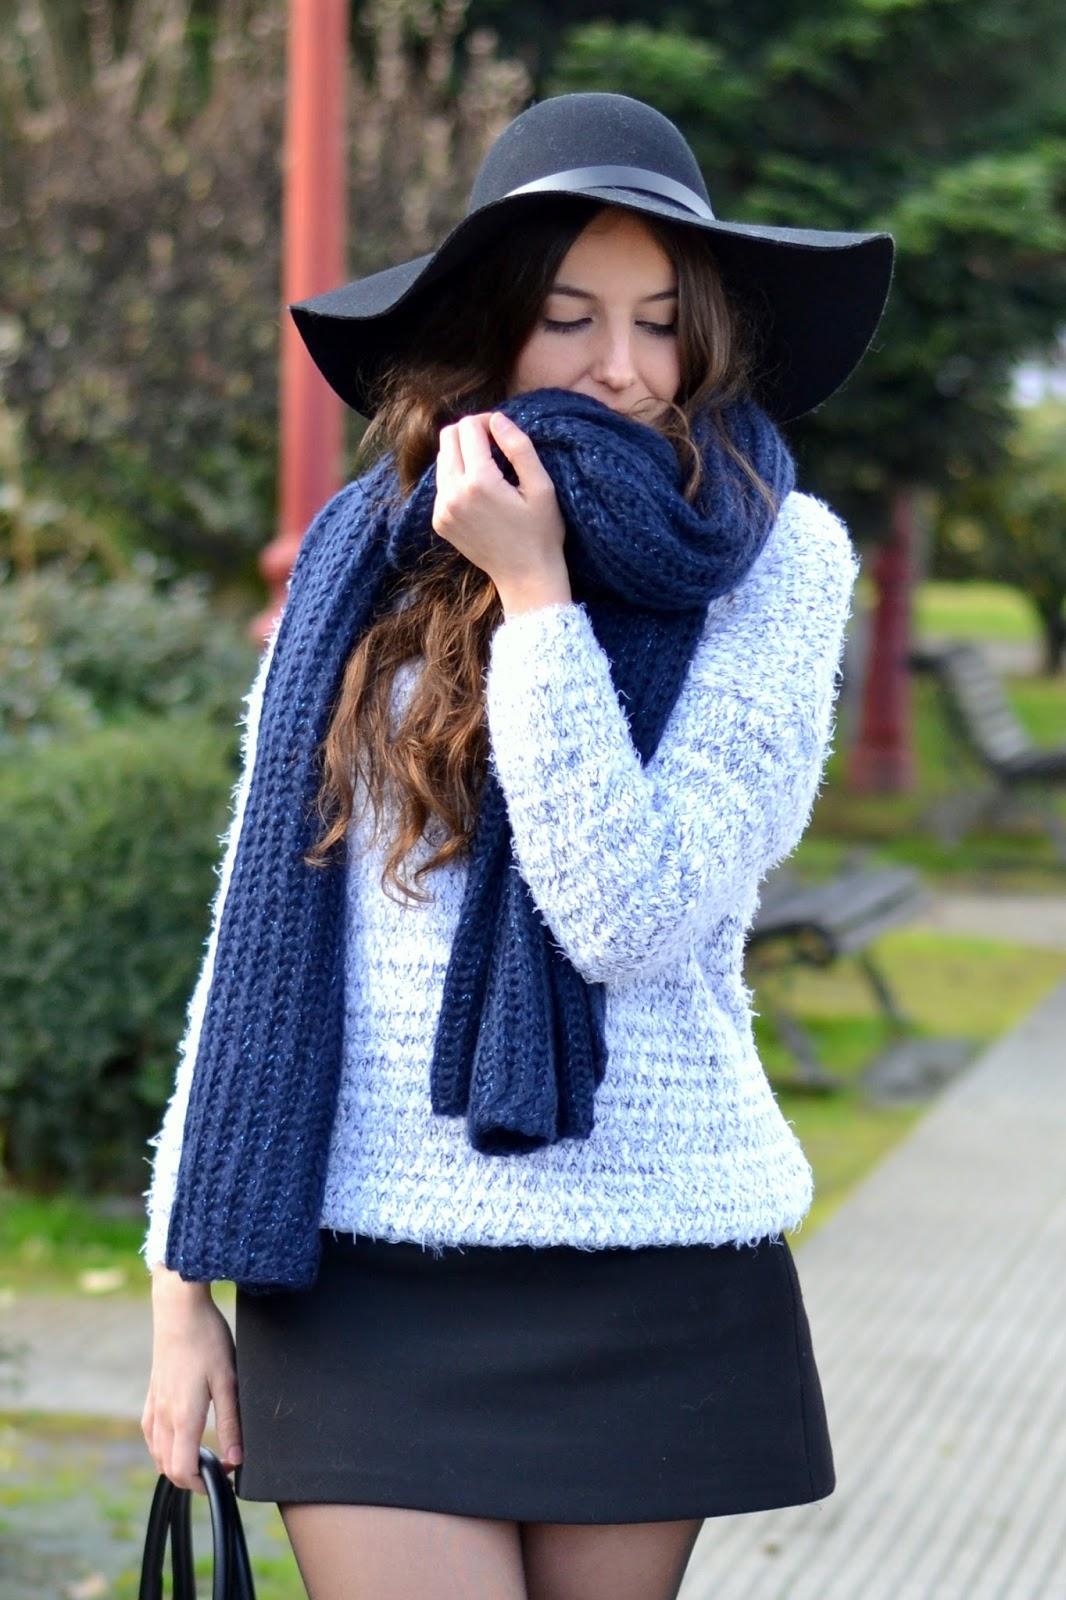 blue scarf adolfo dominguez, fuzzy sweater